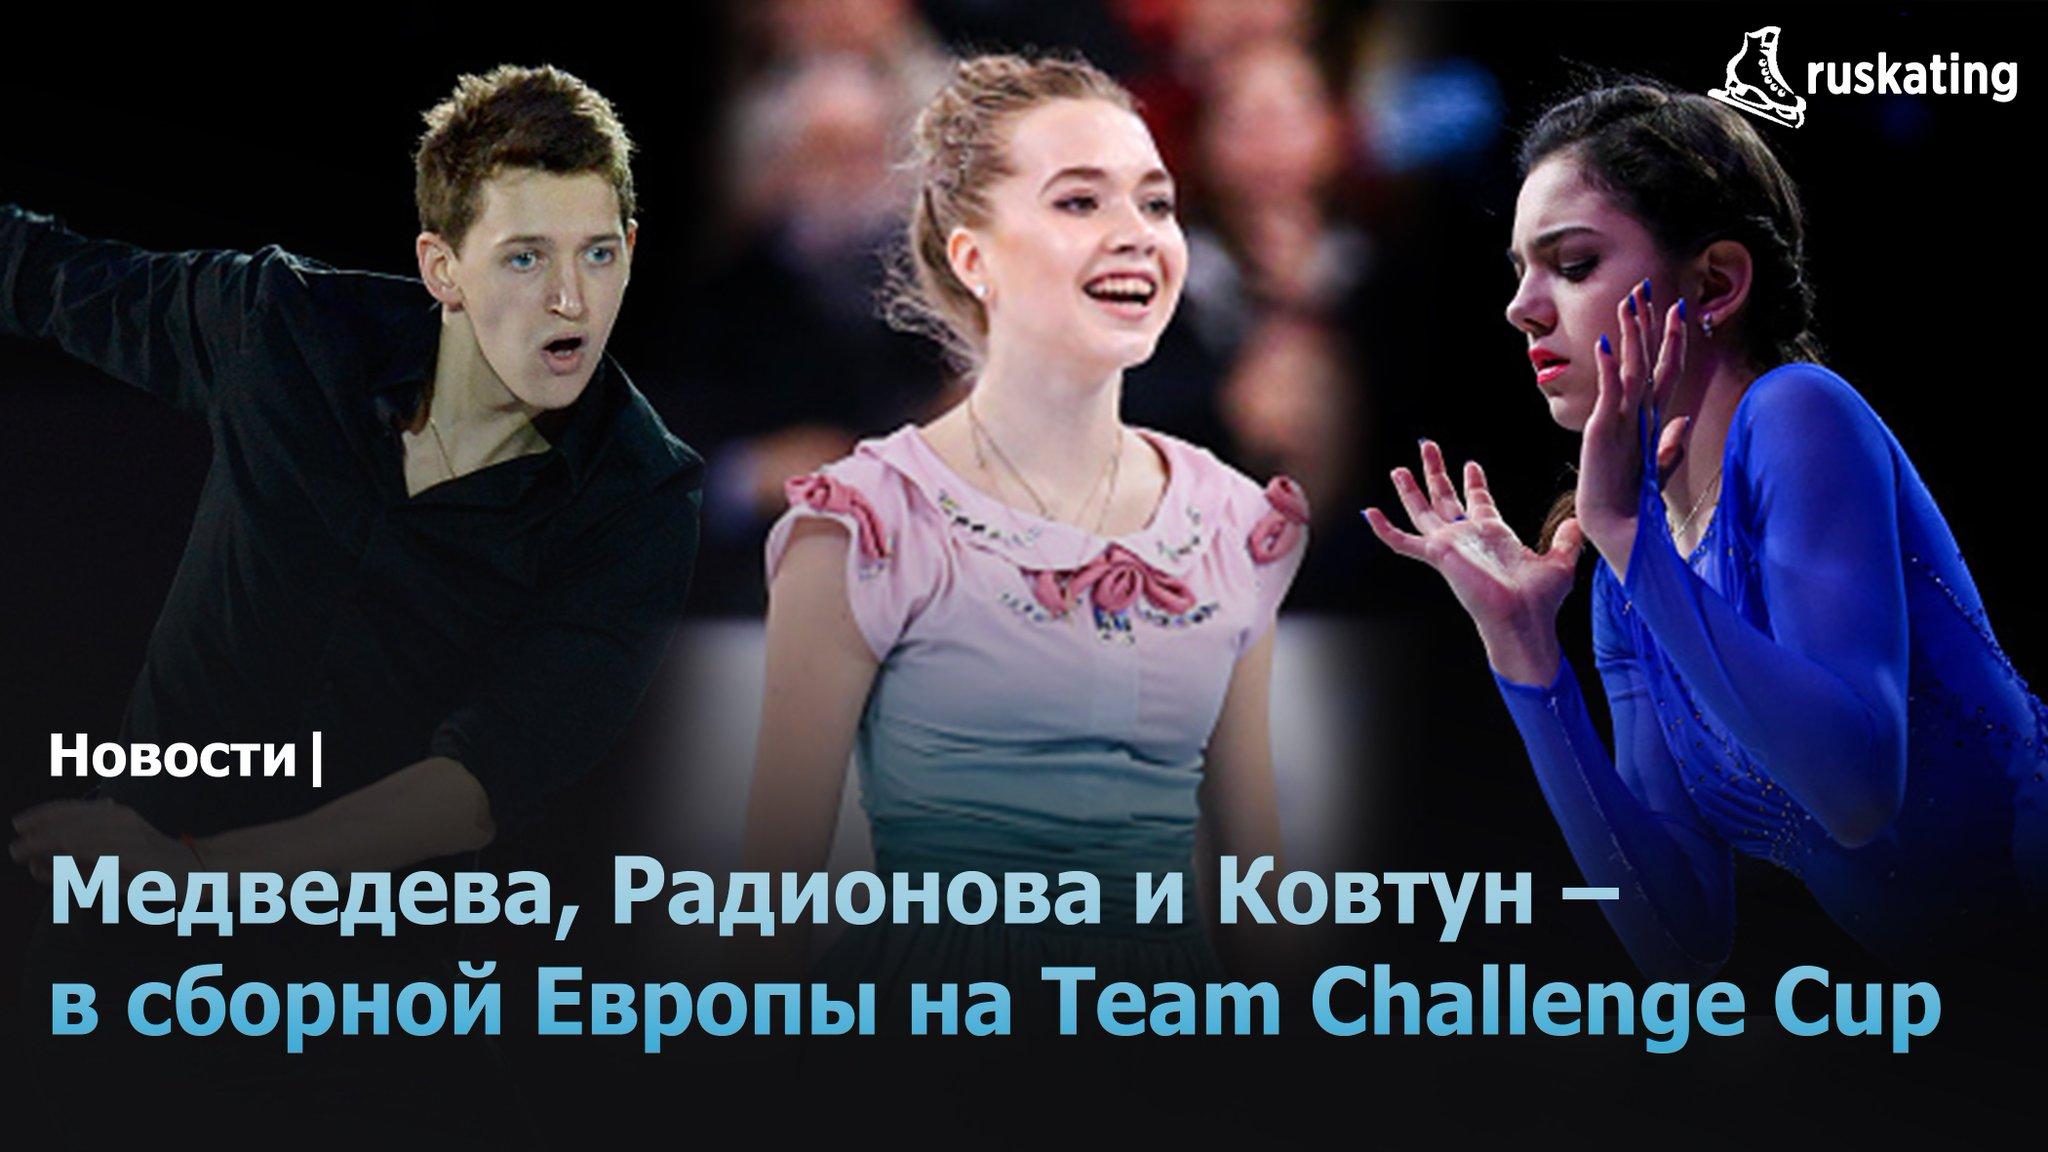 Елена Радионова - 3 - Страница 3 CfiBoxRVIAEykbA